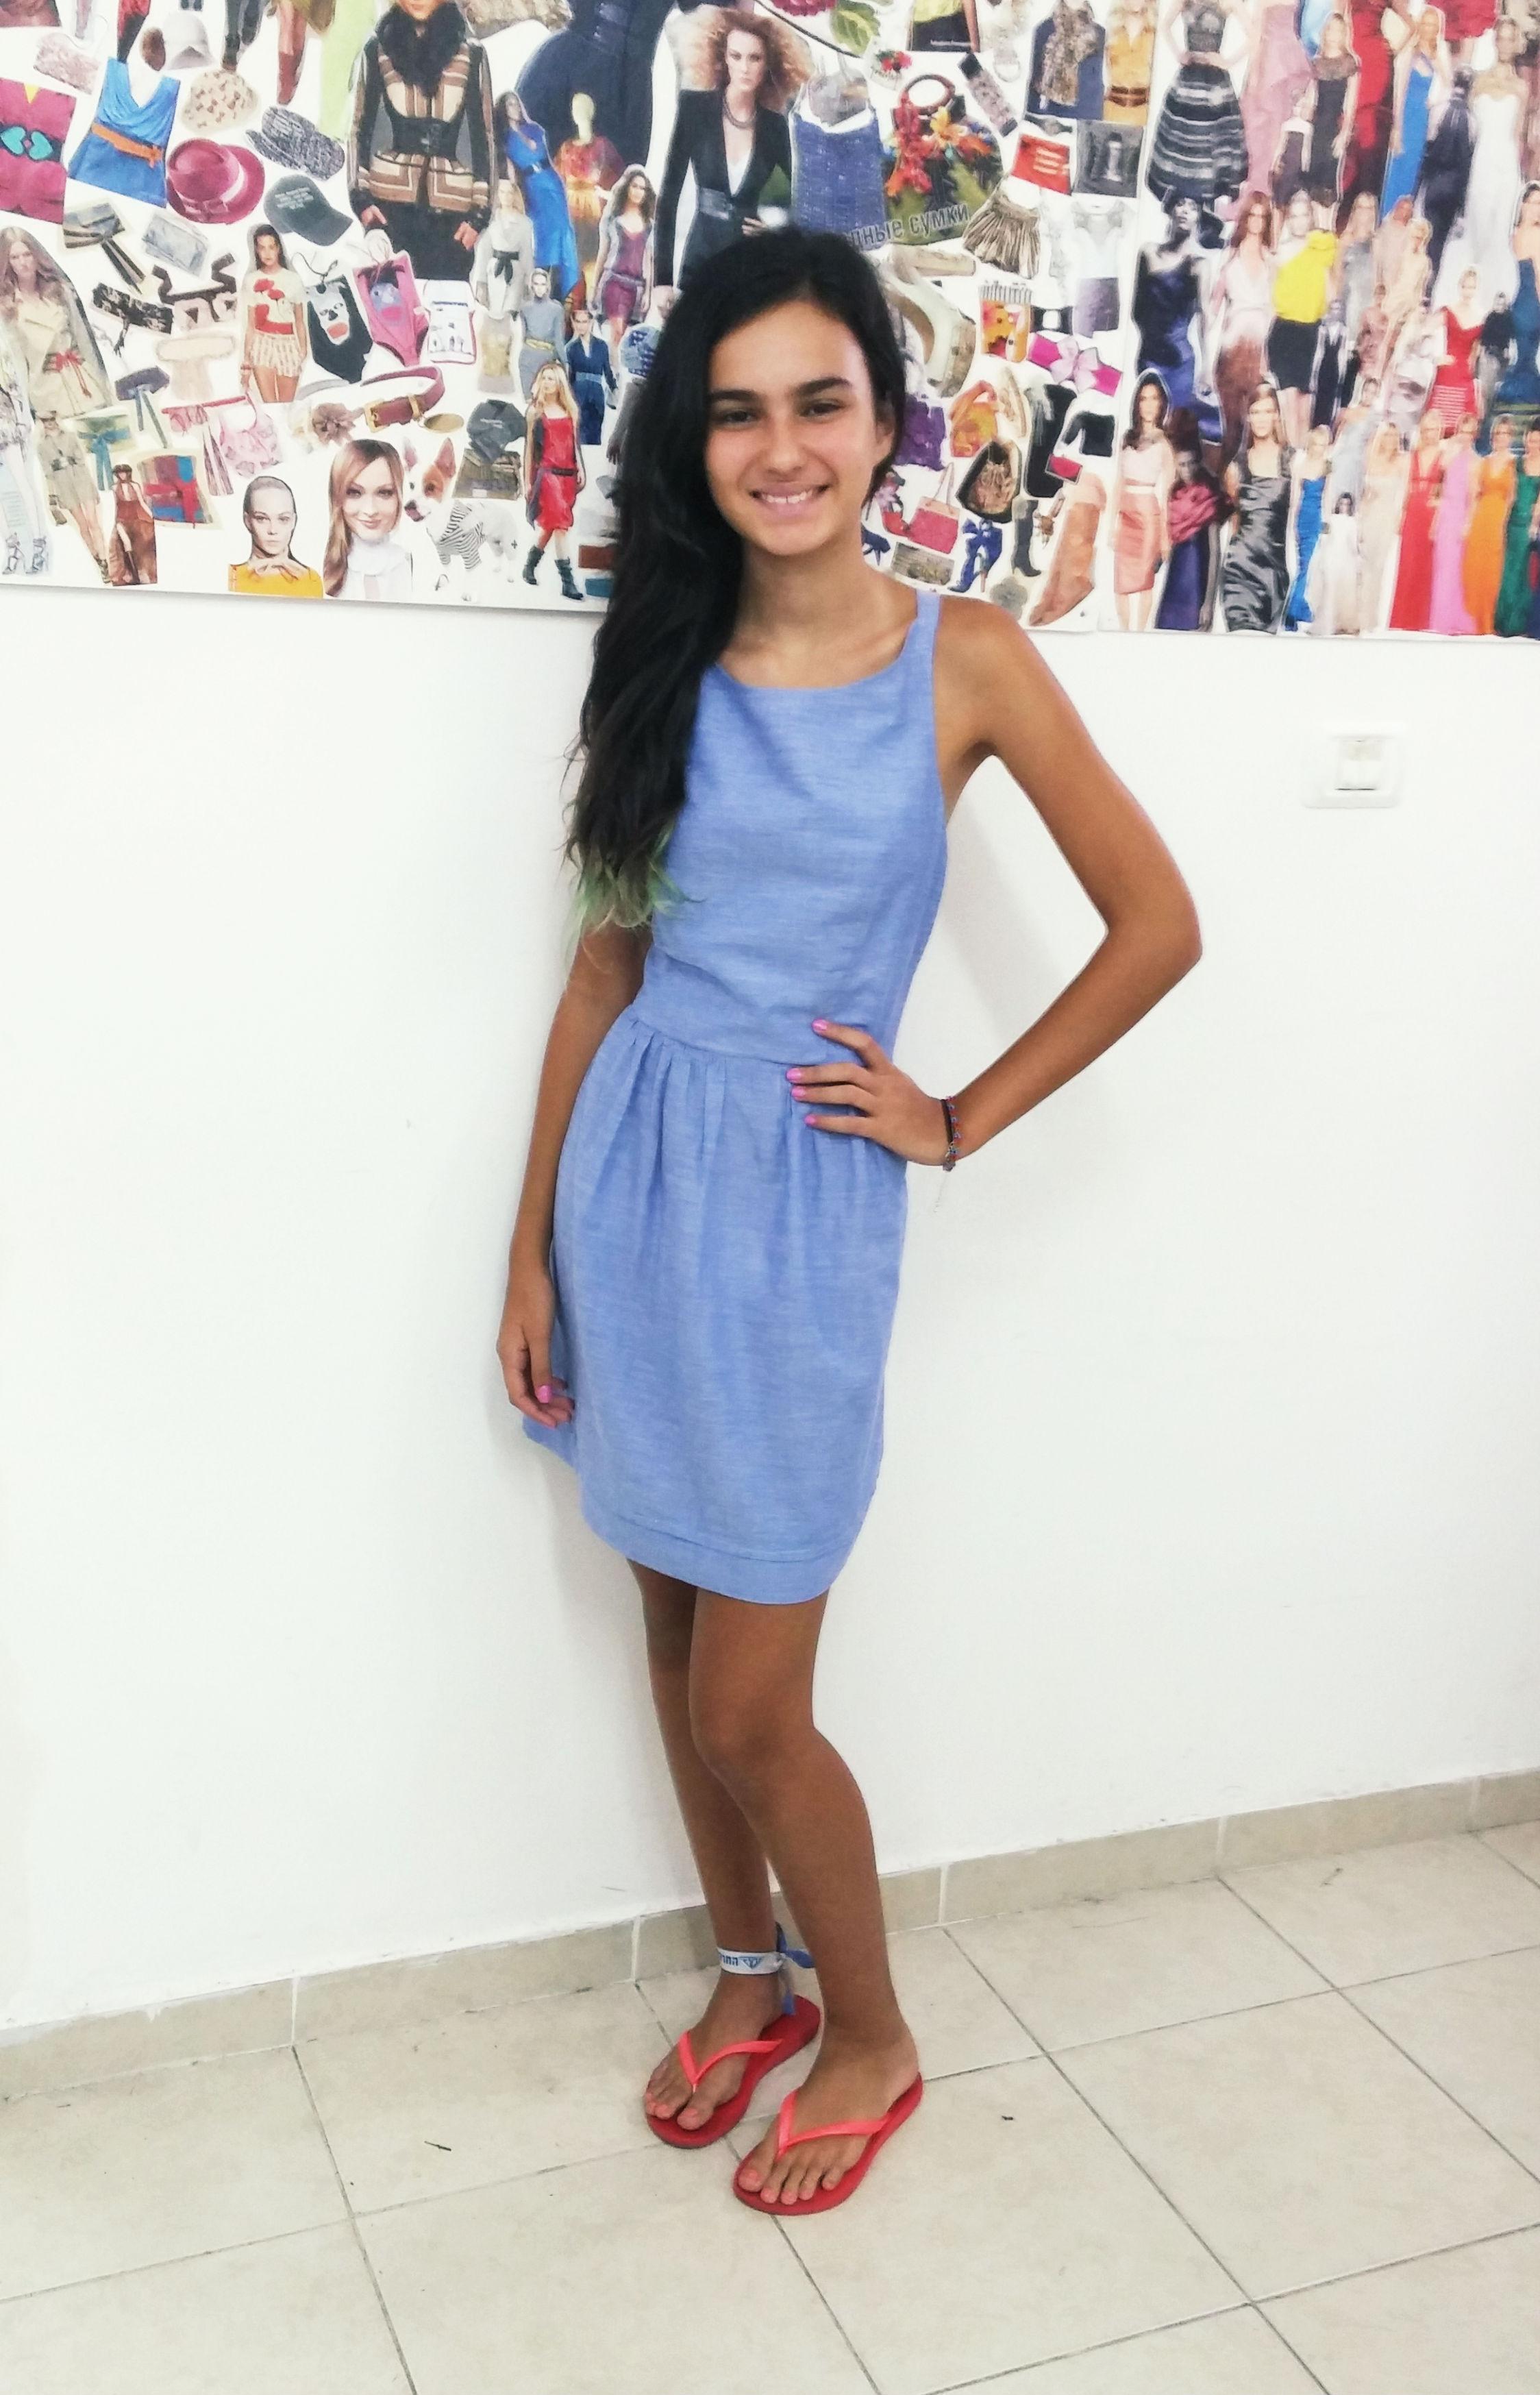 שמלה שנתפרה מגיזרה מבורדה ילדים